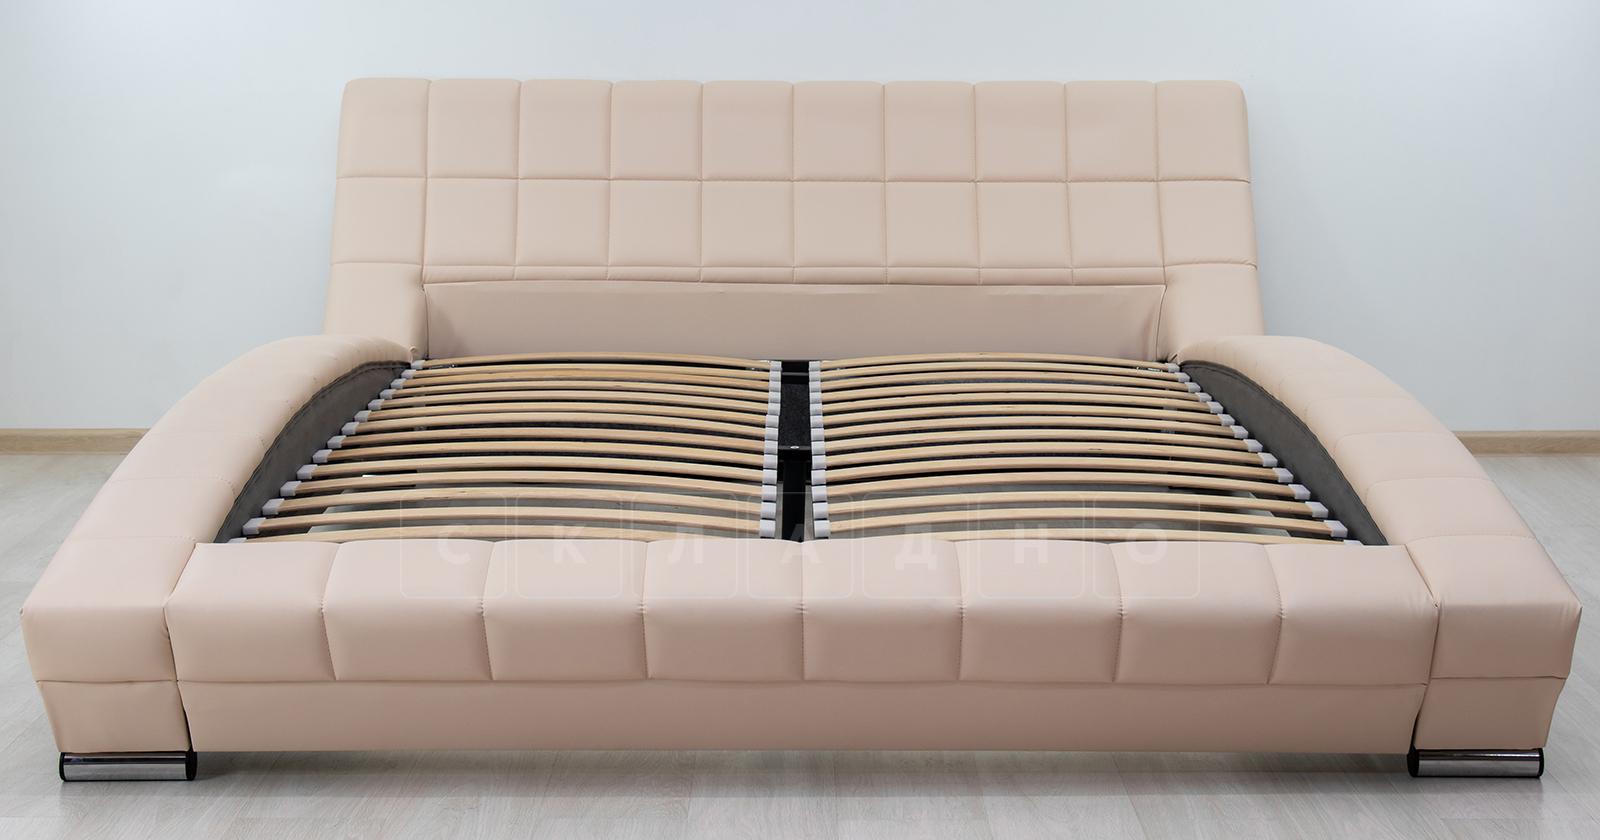 Мягкая кровать Оливия 160 см экокожа бежевый фото 3 | интернет-магазин Складно